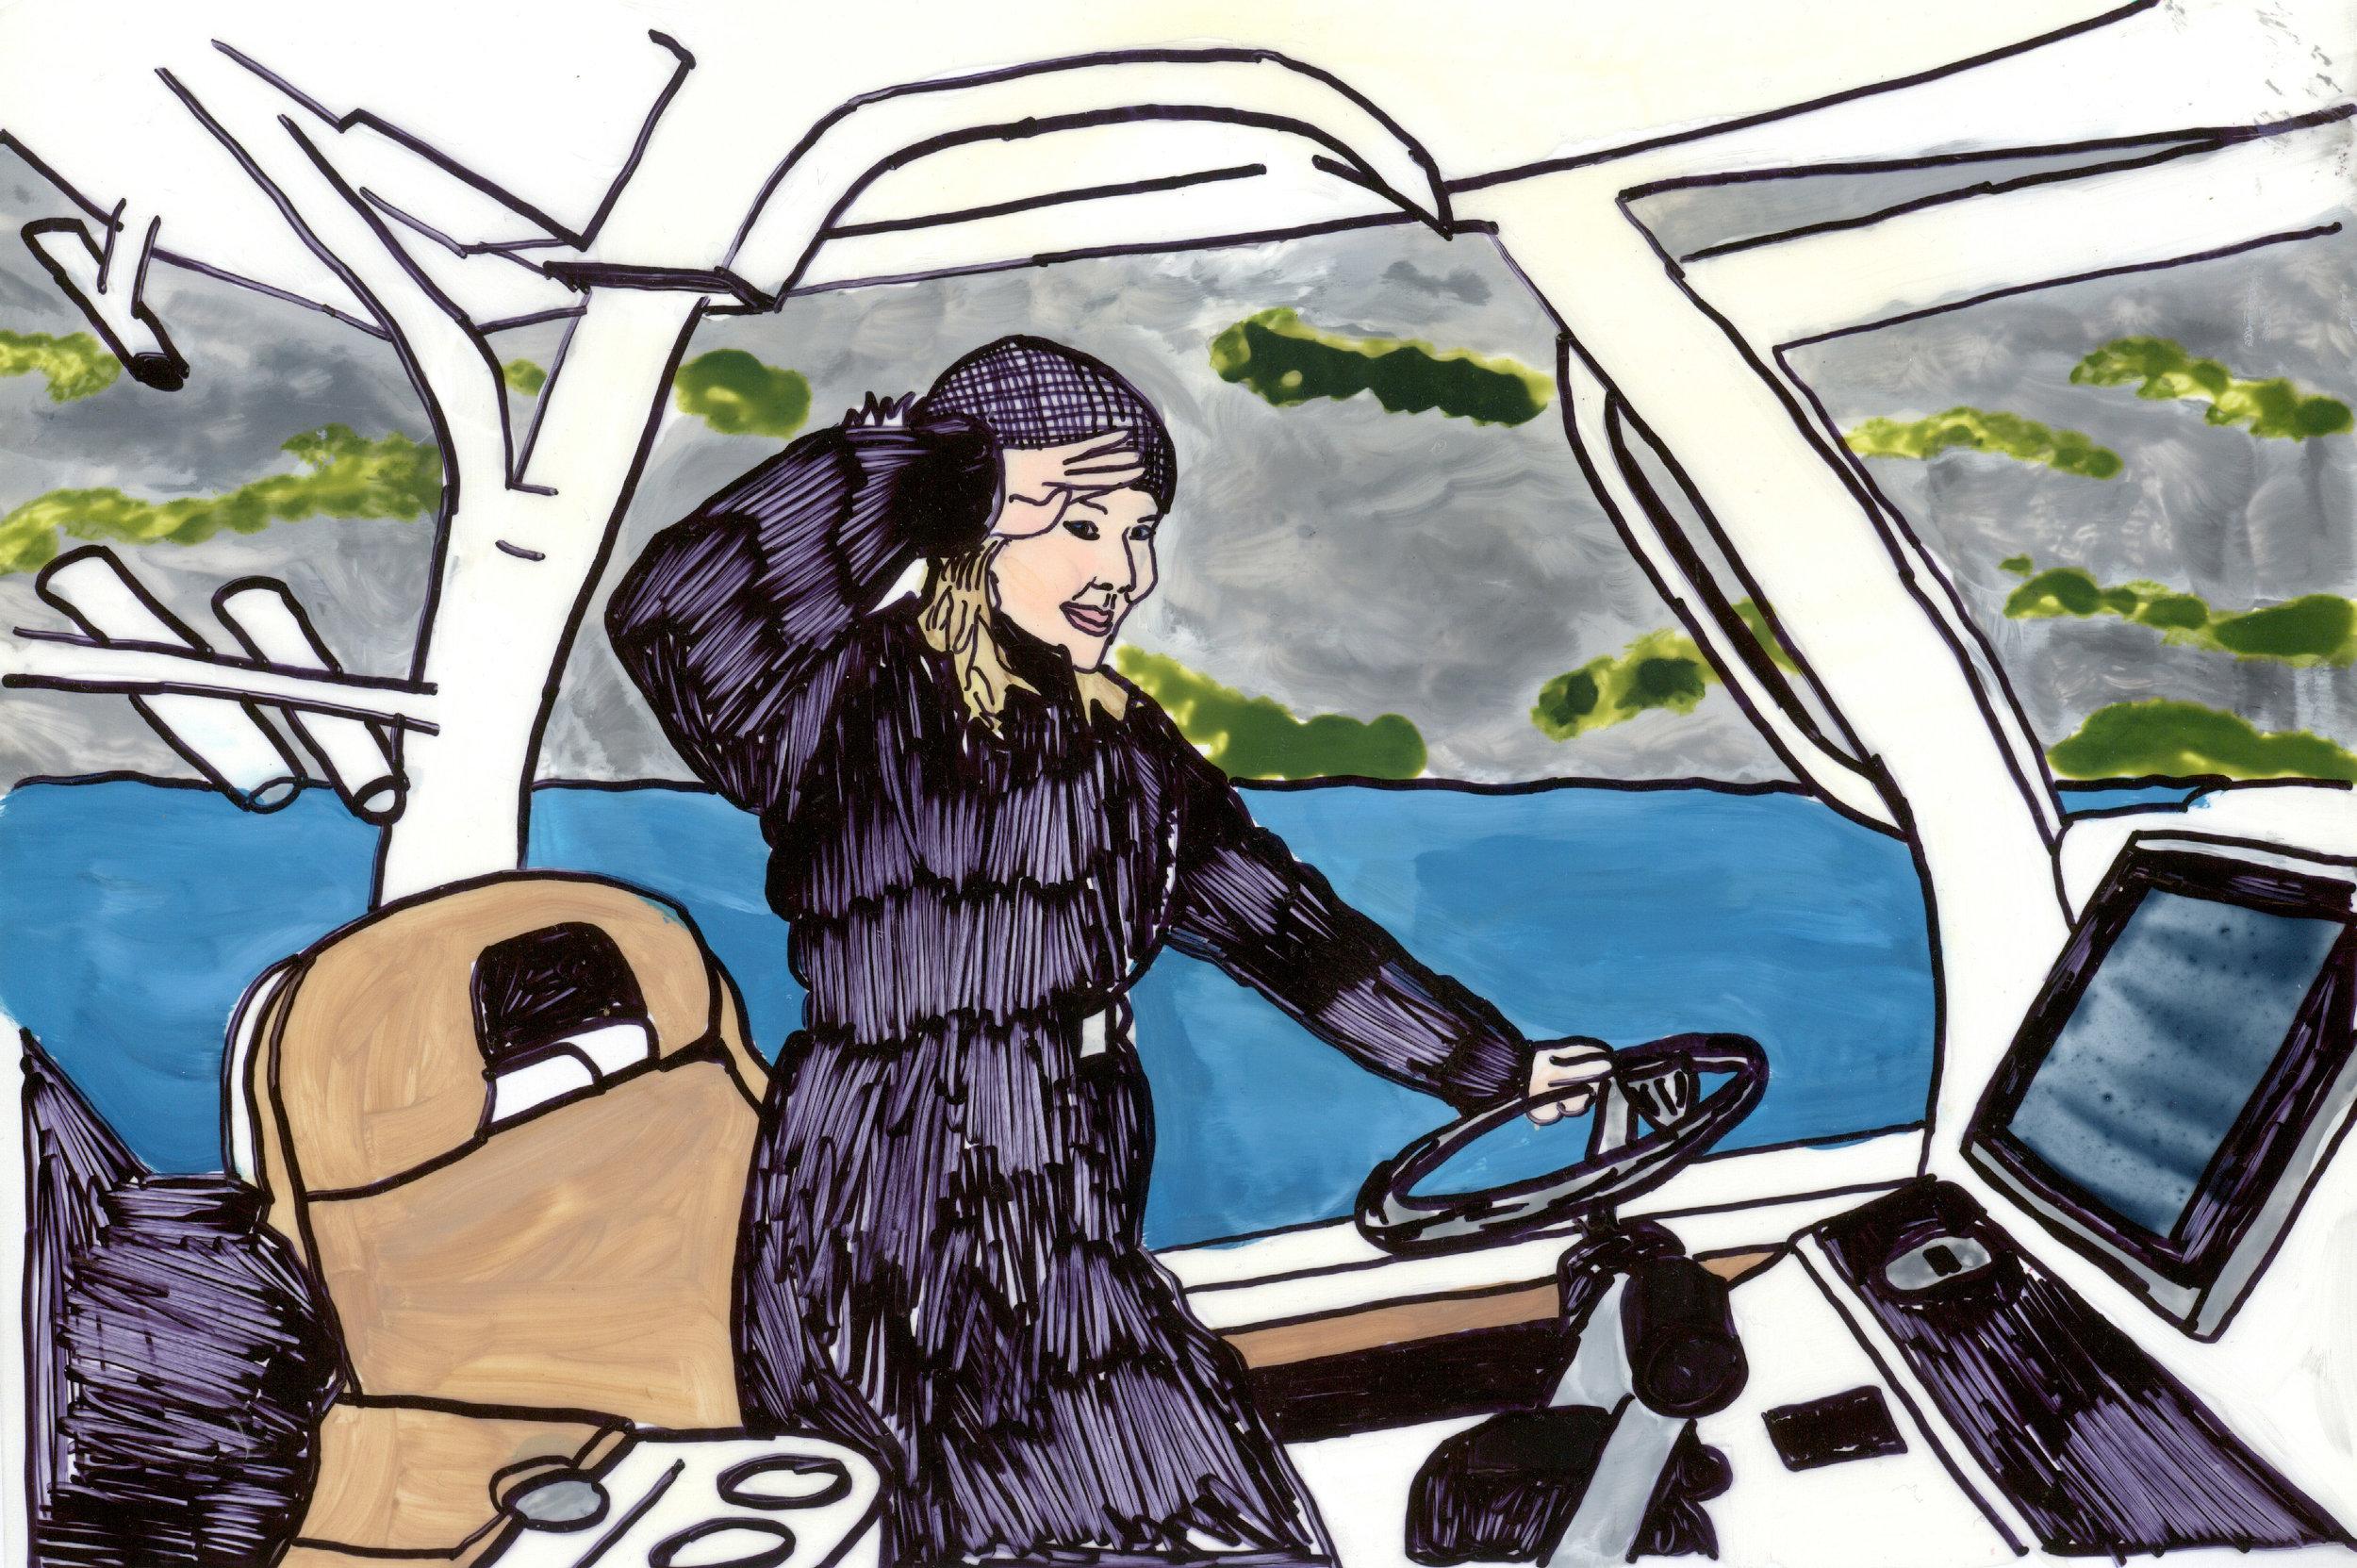 Captain Mellie- badass women project #2